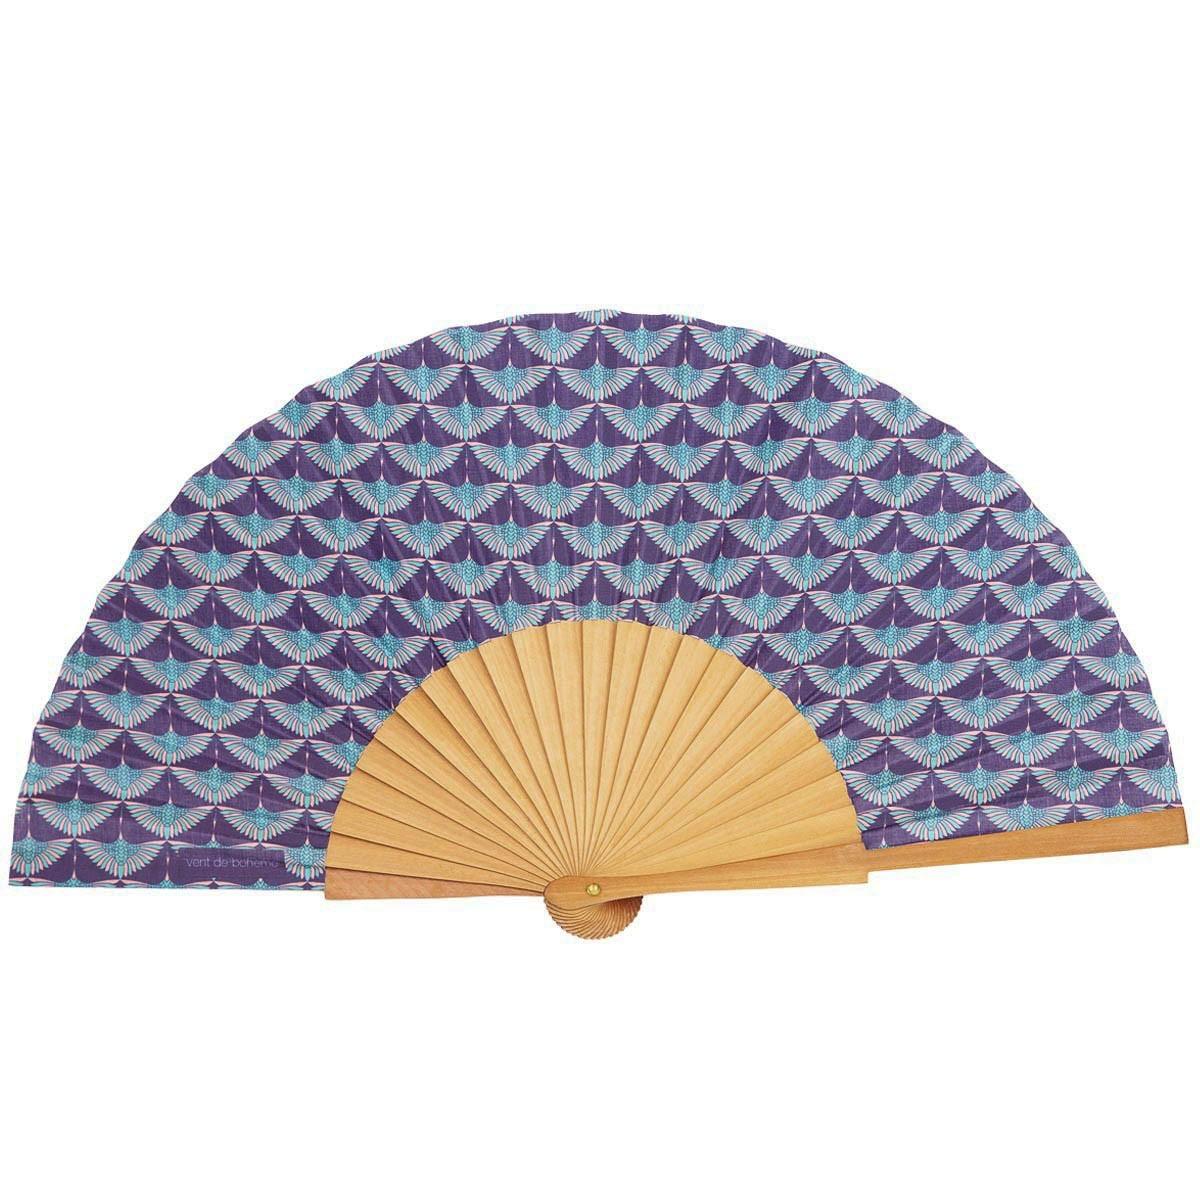 Éventail en bois de merisier et coton imprimé bleu